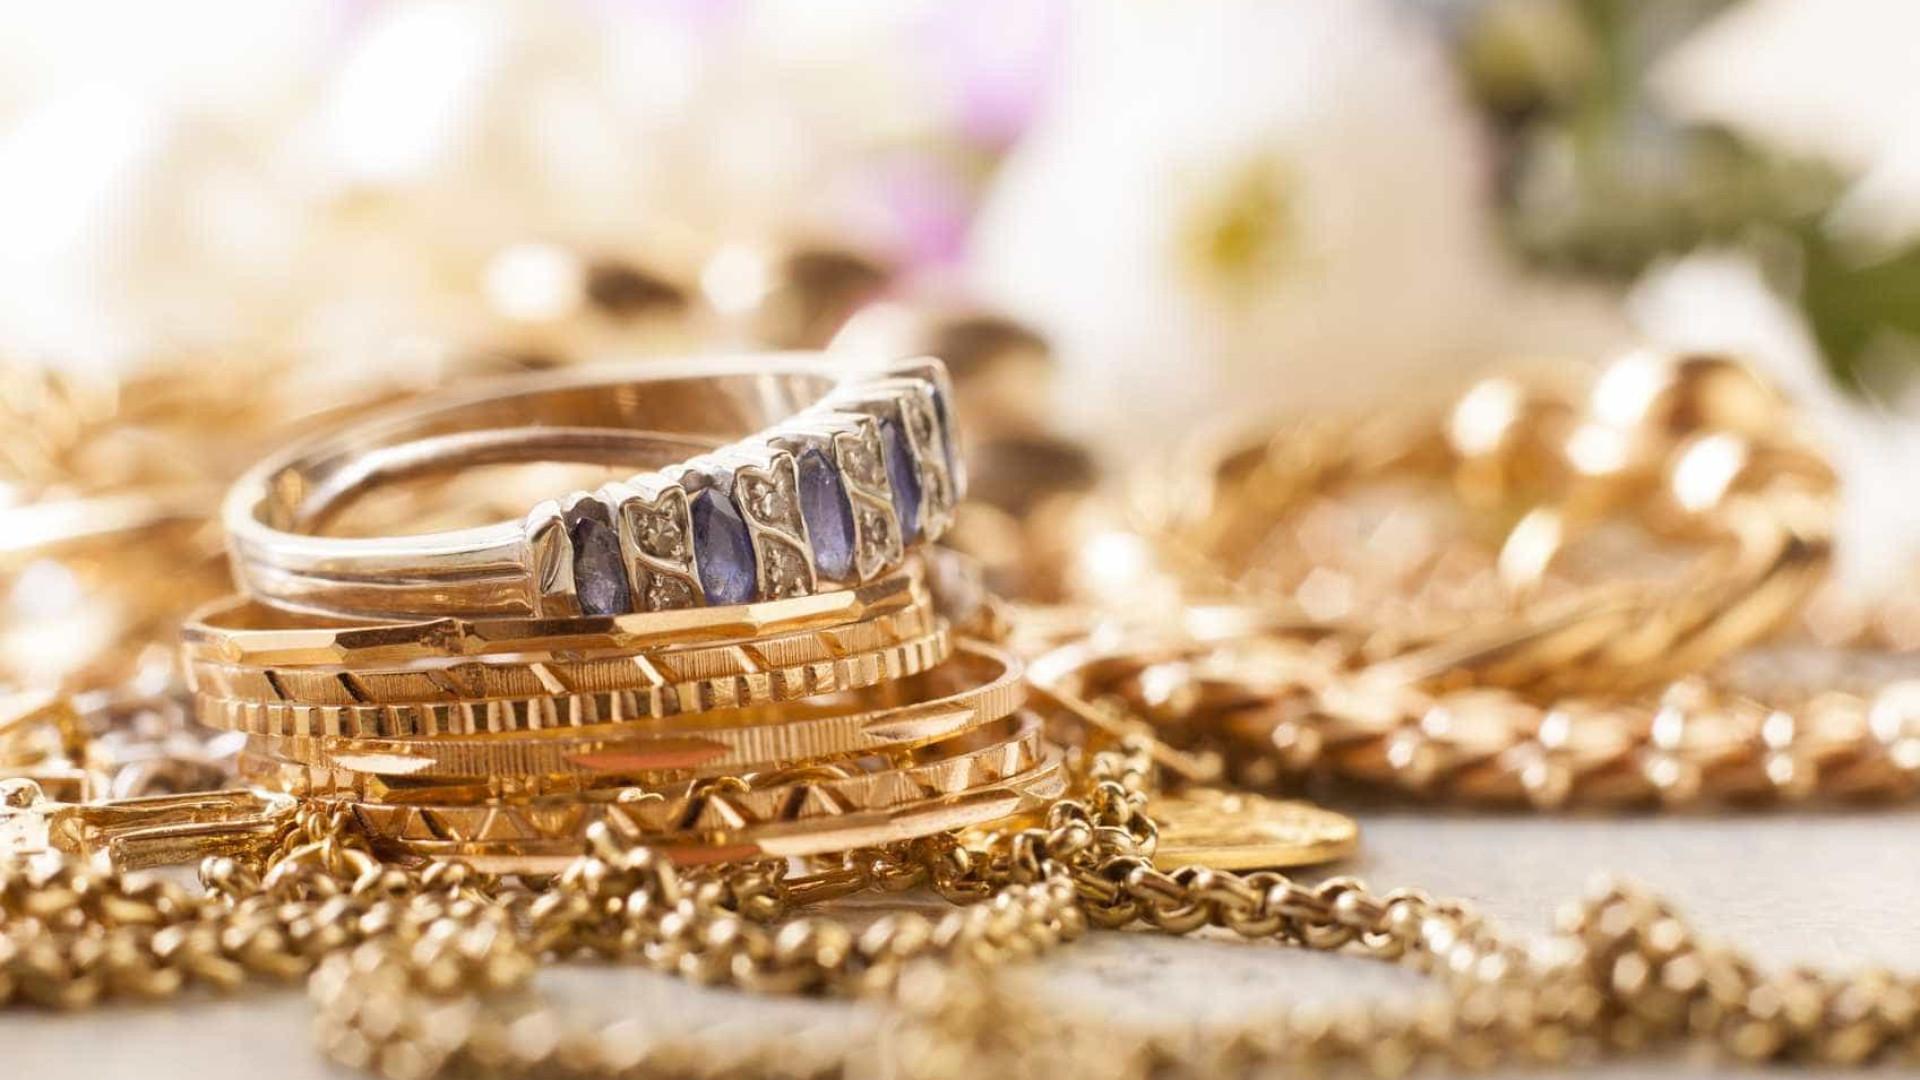 GNR recuperou ouro furtado em Ponte de Lima